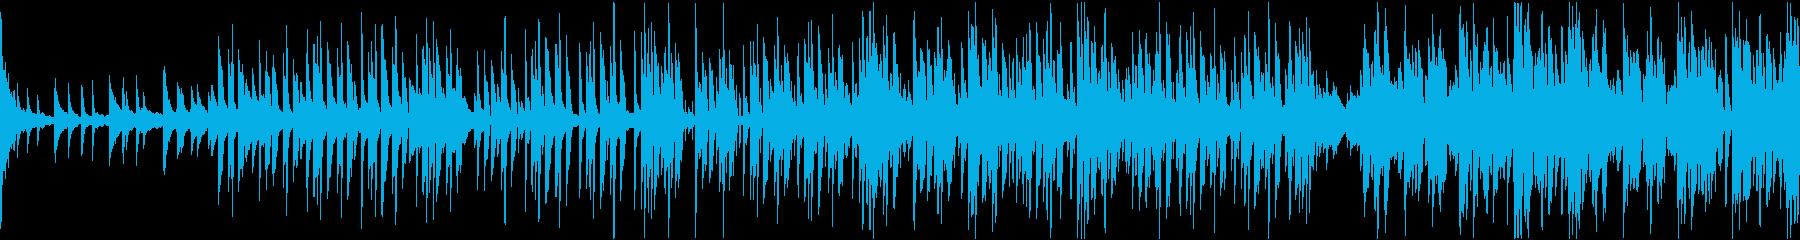 幻想的な電子音(フューチャーベース)の再生済みの波形